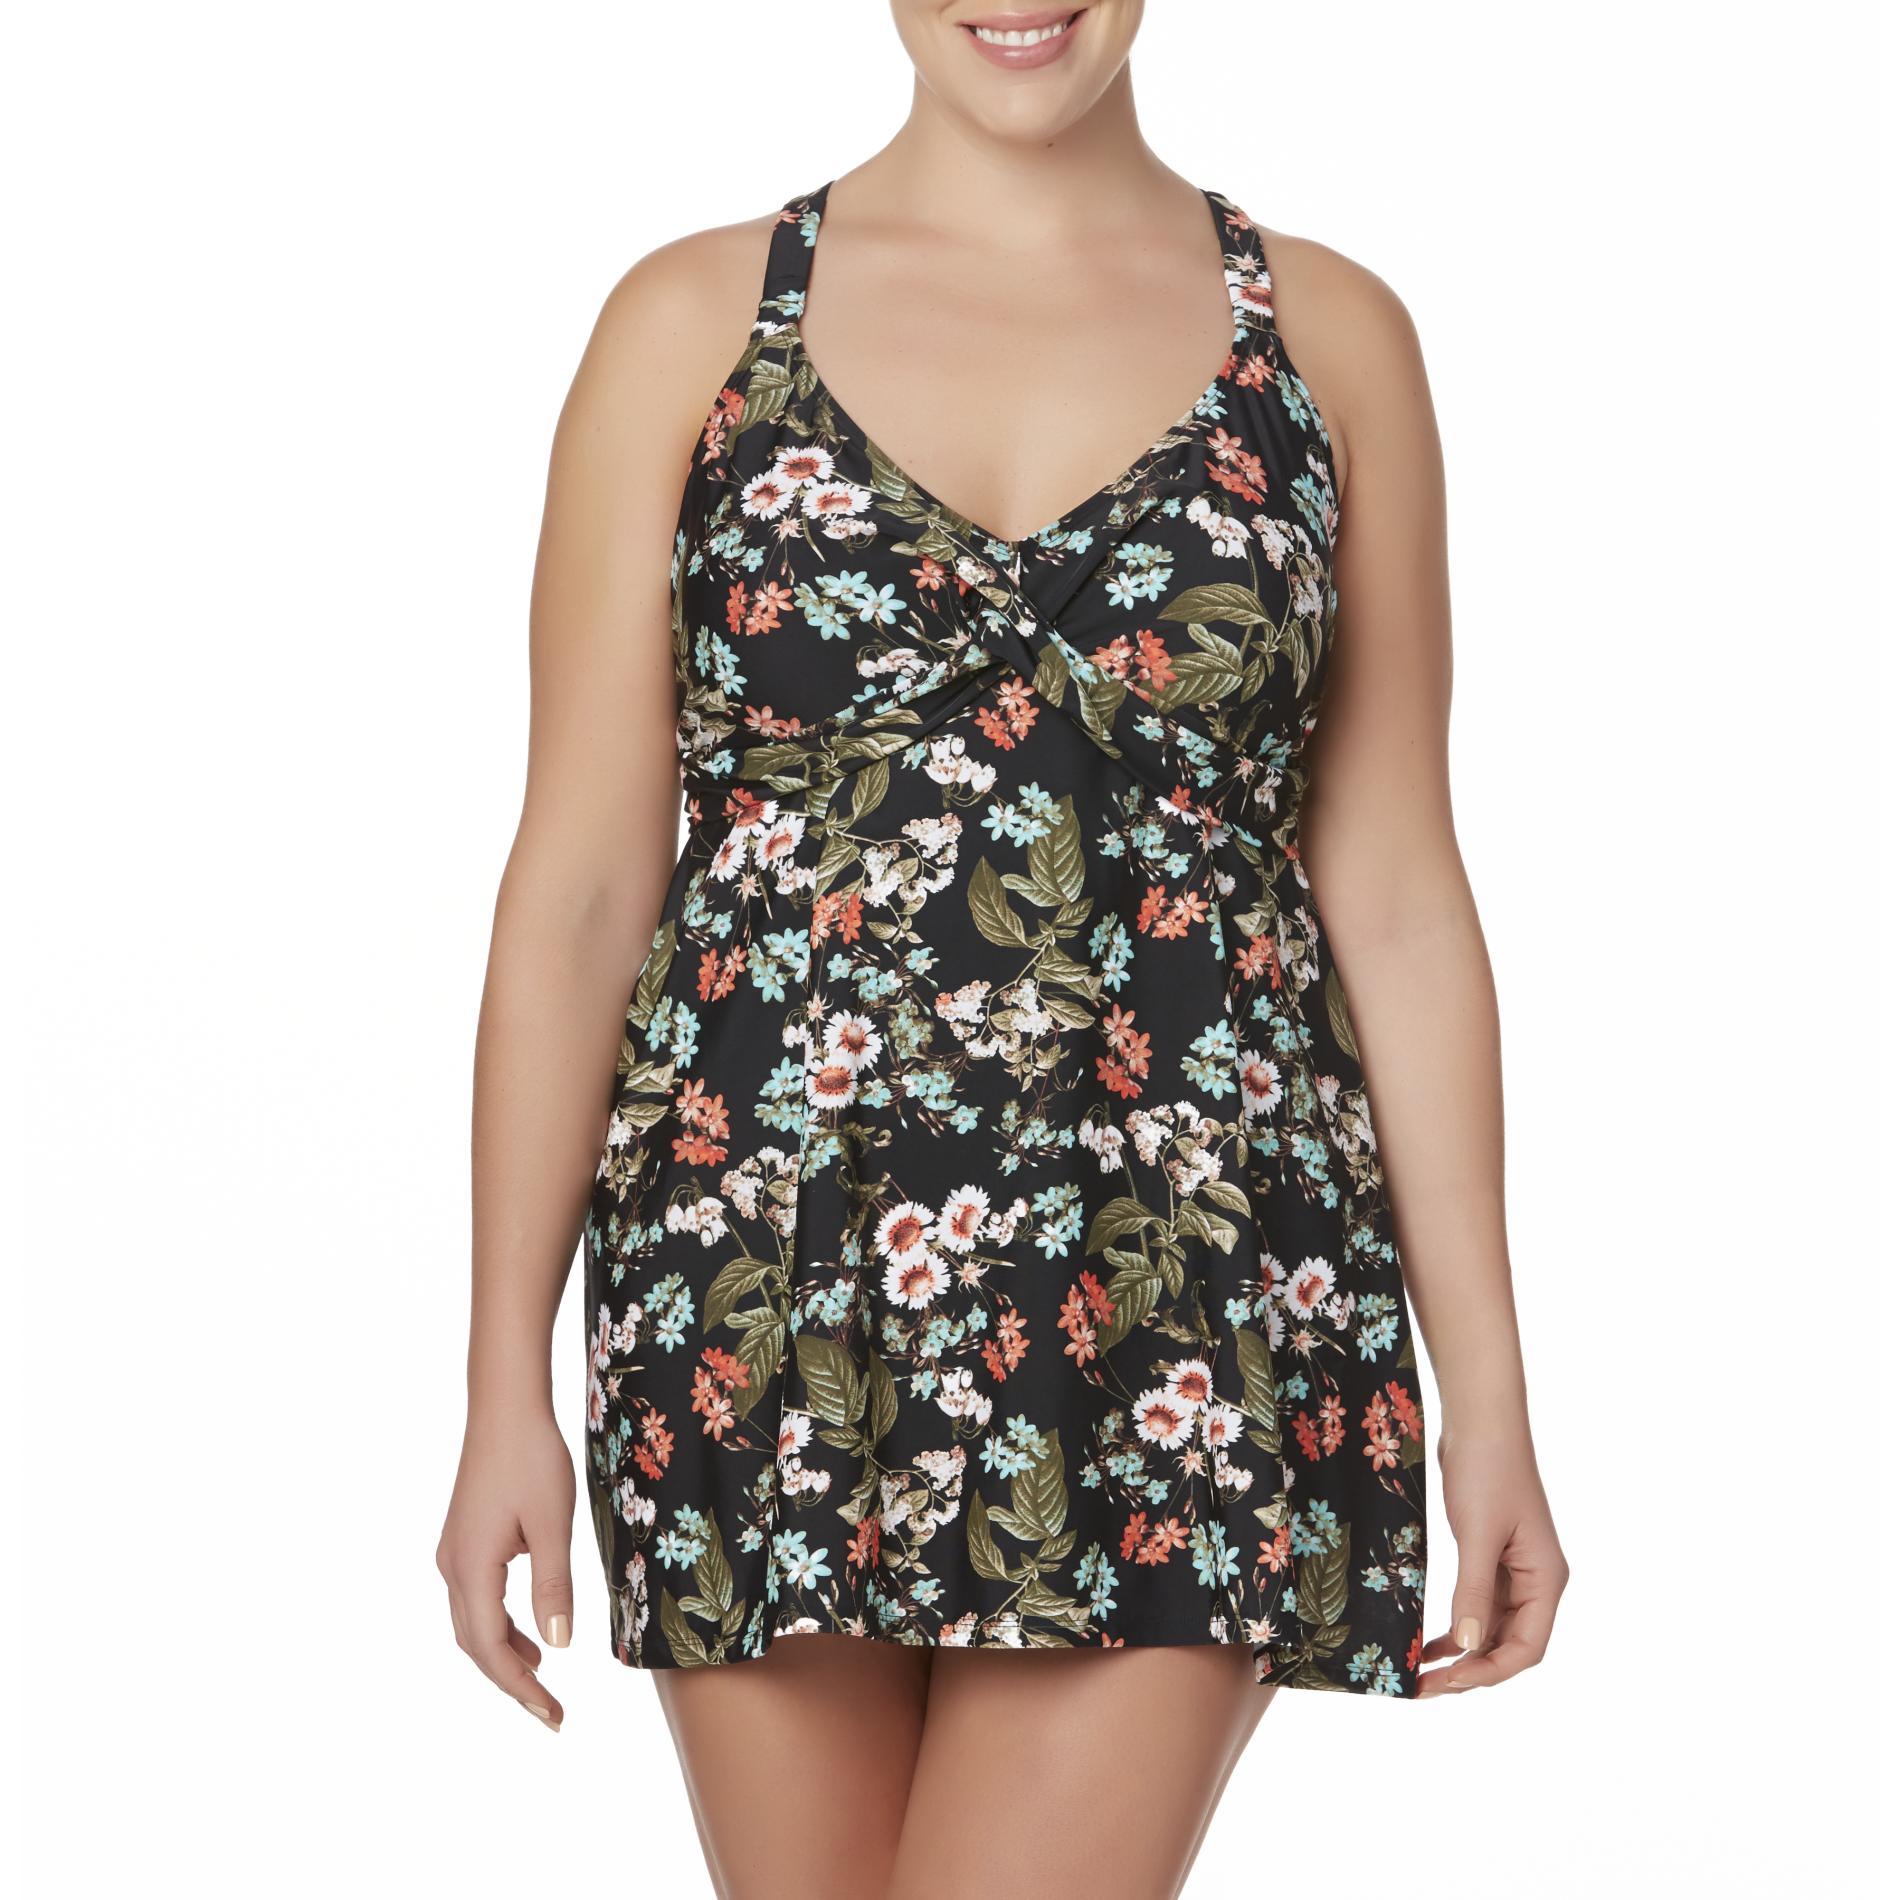 Jaclyn Smith Women' Swim Dress - Floral